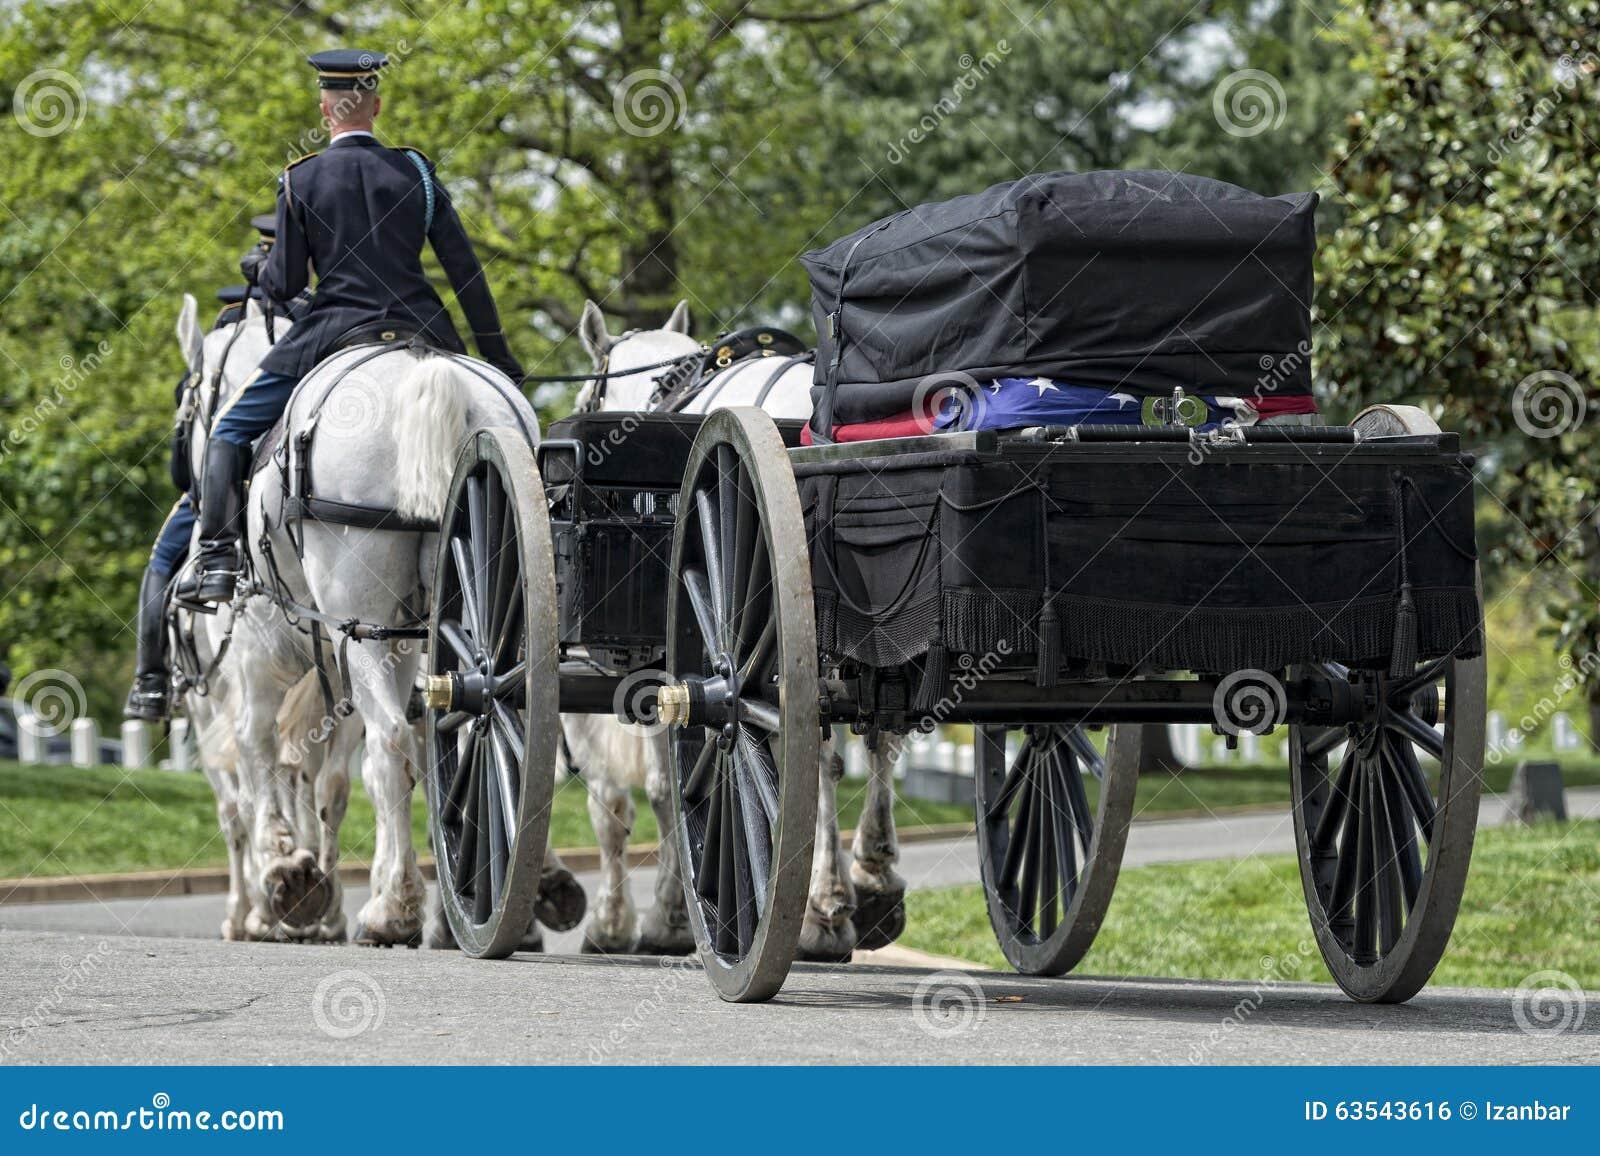 Casa del blanco de la C C , los E.E.U.U. - MAYO, 2 2014 - entierro marino del Ejército de los EE. UU. en el cementerio de Arlingt